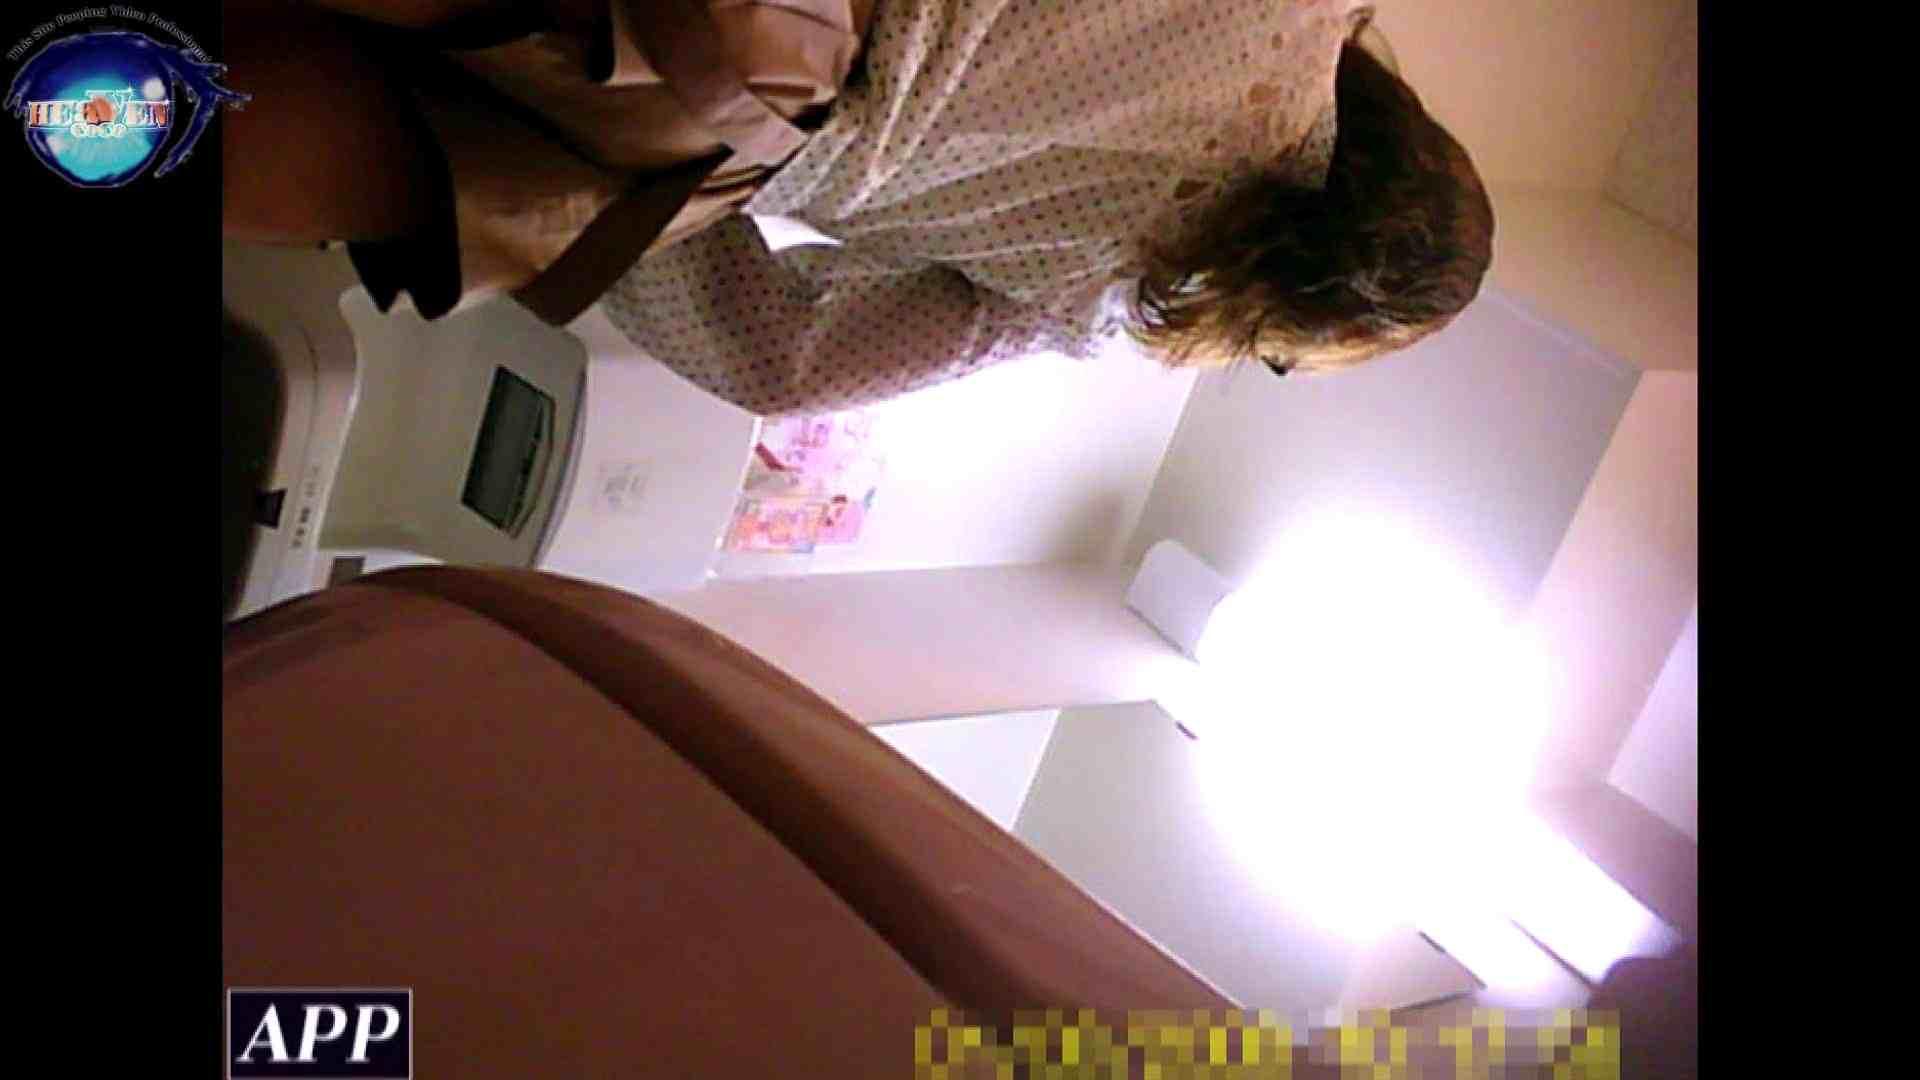 三つ目で盗撮 vol.22 OL女体 のぞき動画画像 99連発 92